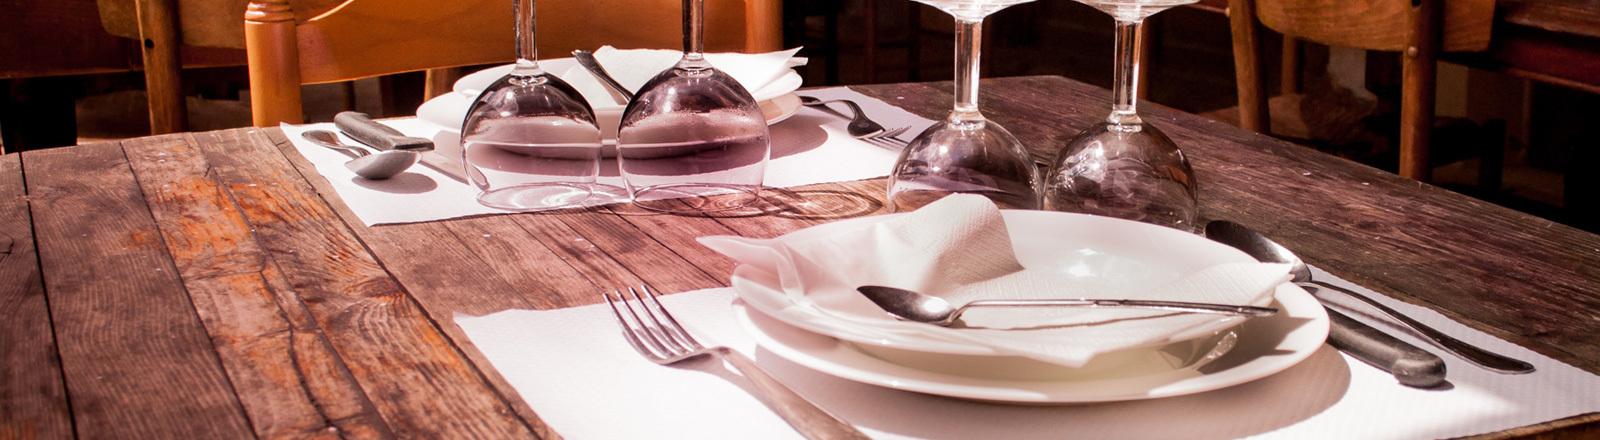 Ein leerer gedeckter Tisch im Restaurant.